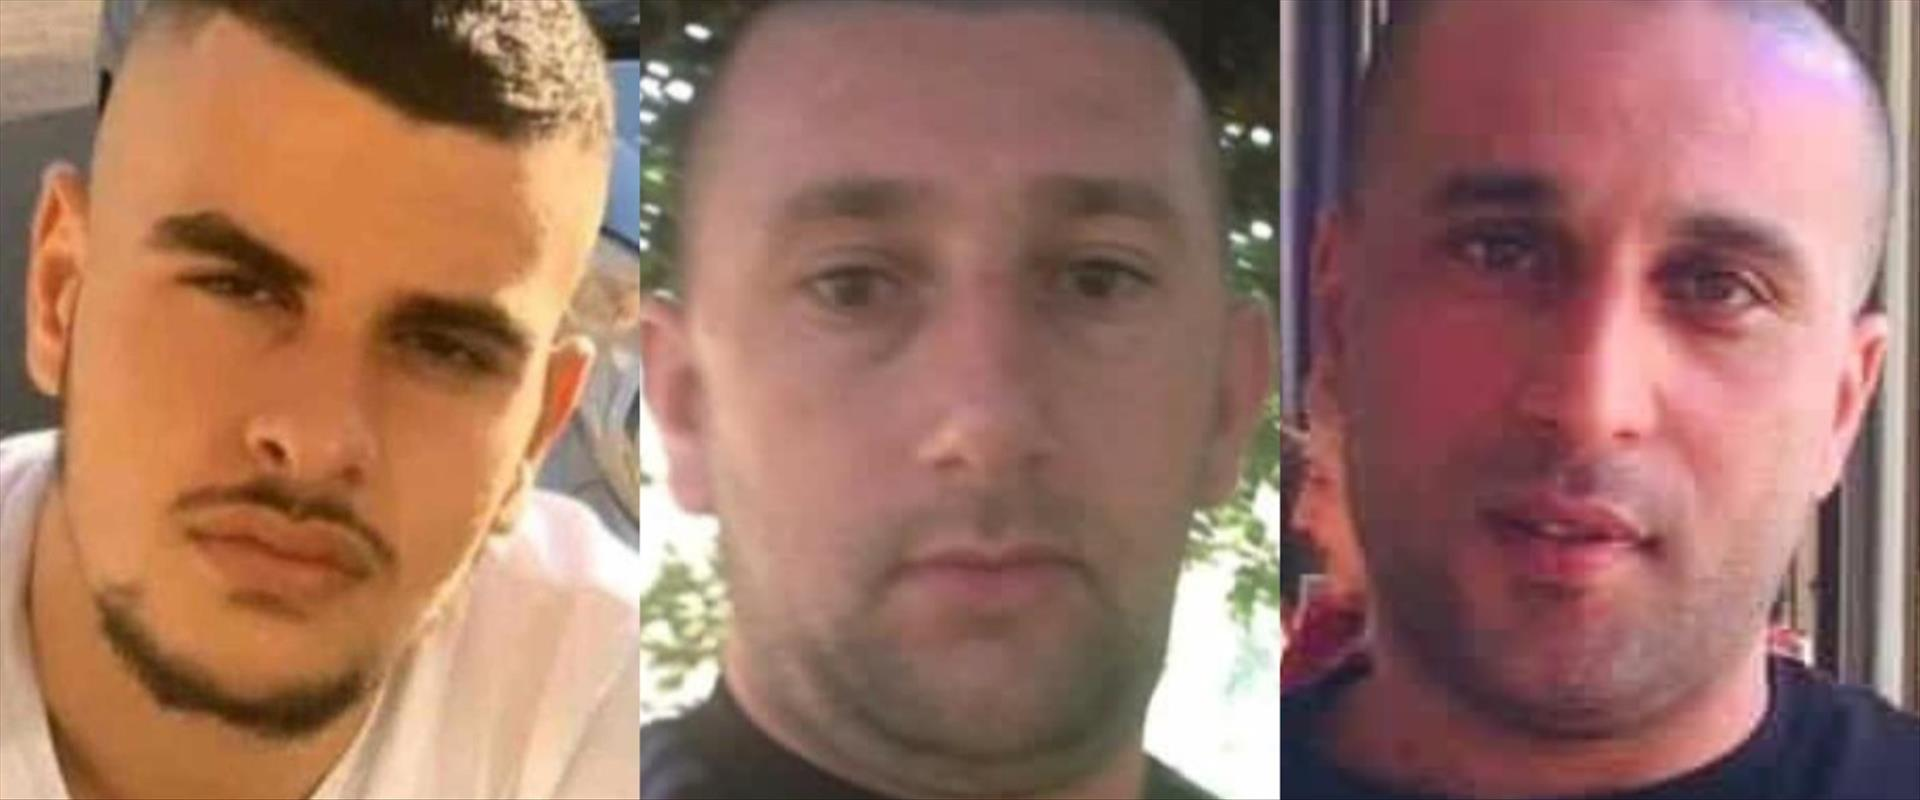 שלושת הנרצחים